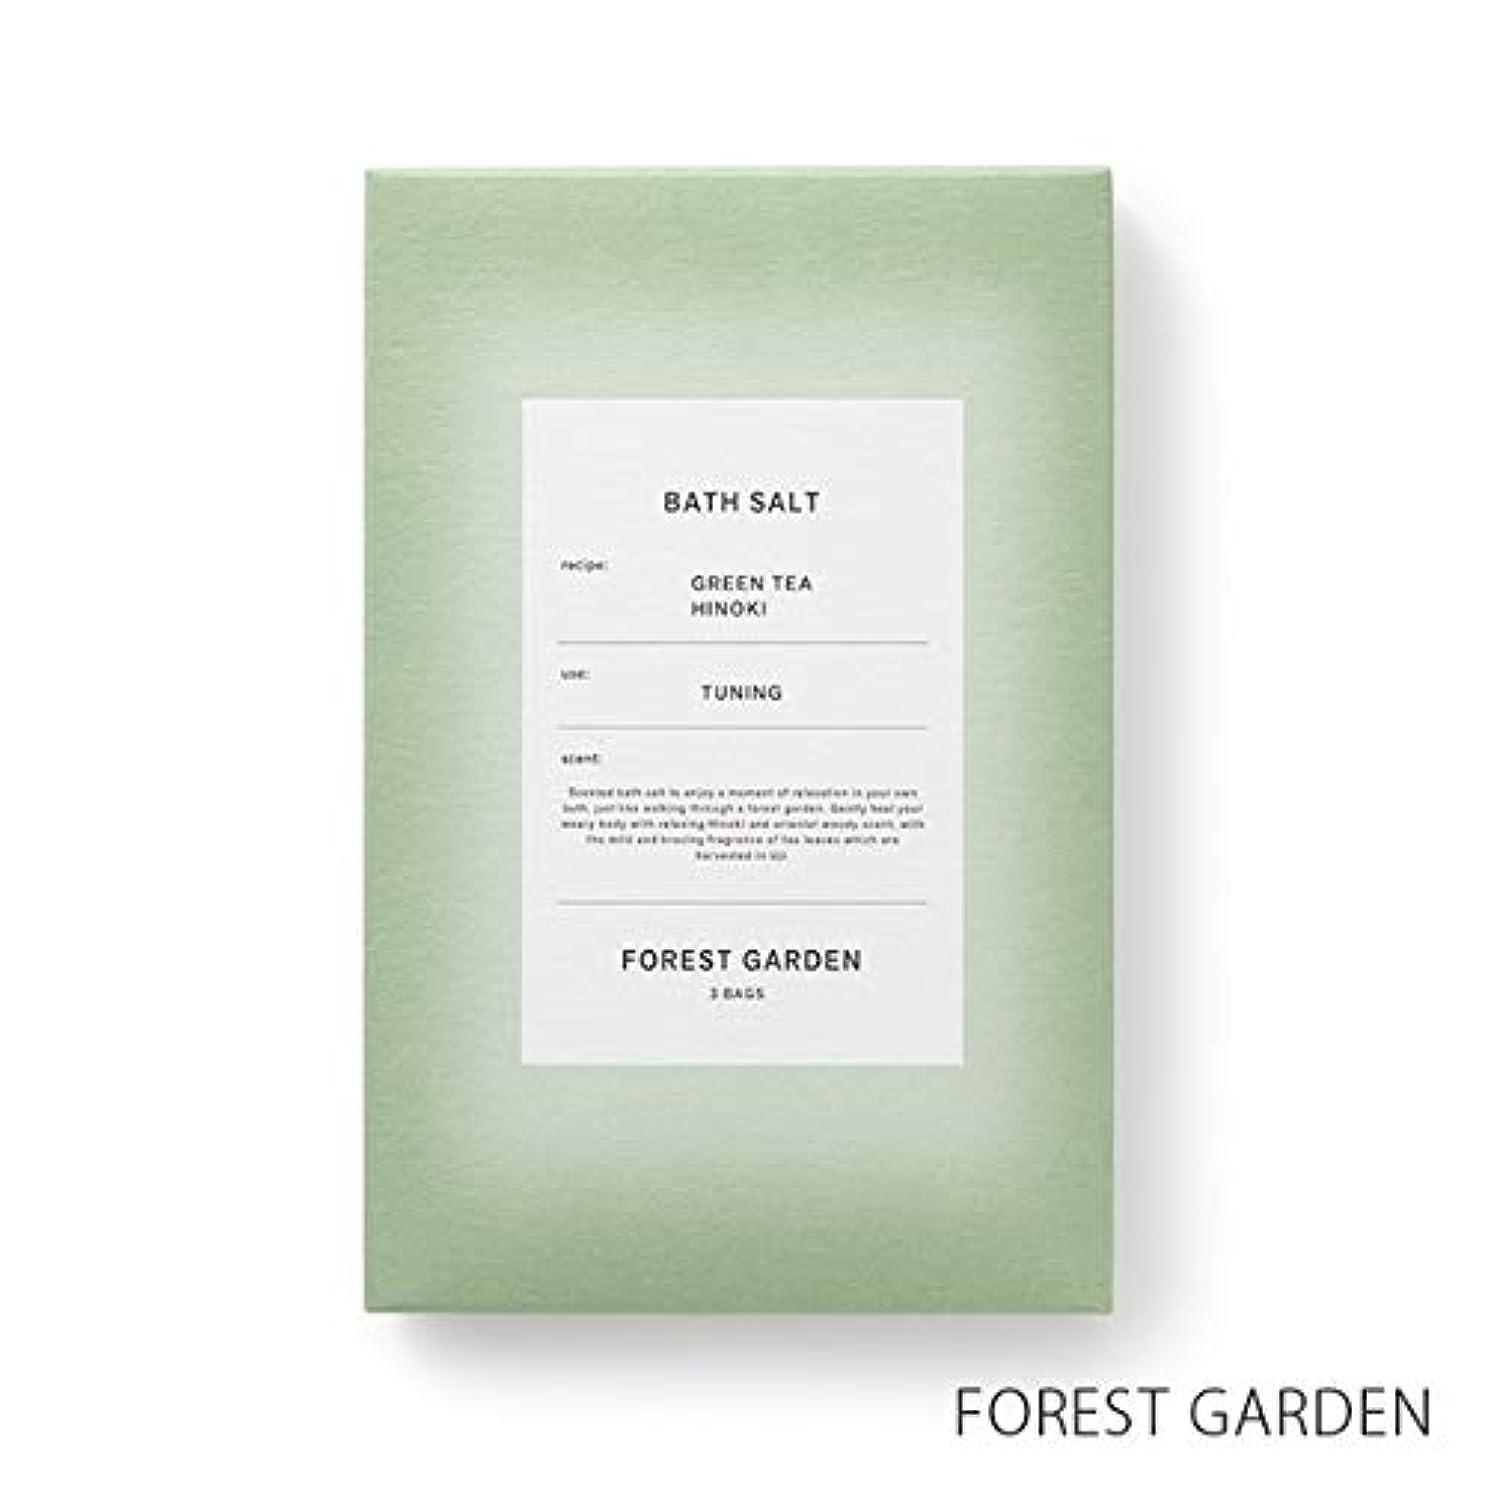 位置づける透けて見えるうんざり【薫玉堂】 バスソルト FOREST GARDEN 森の庭 緑 和 宇治茶の香り